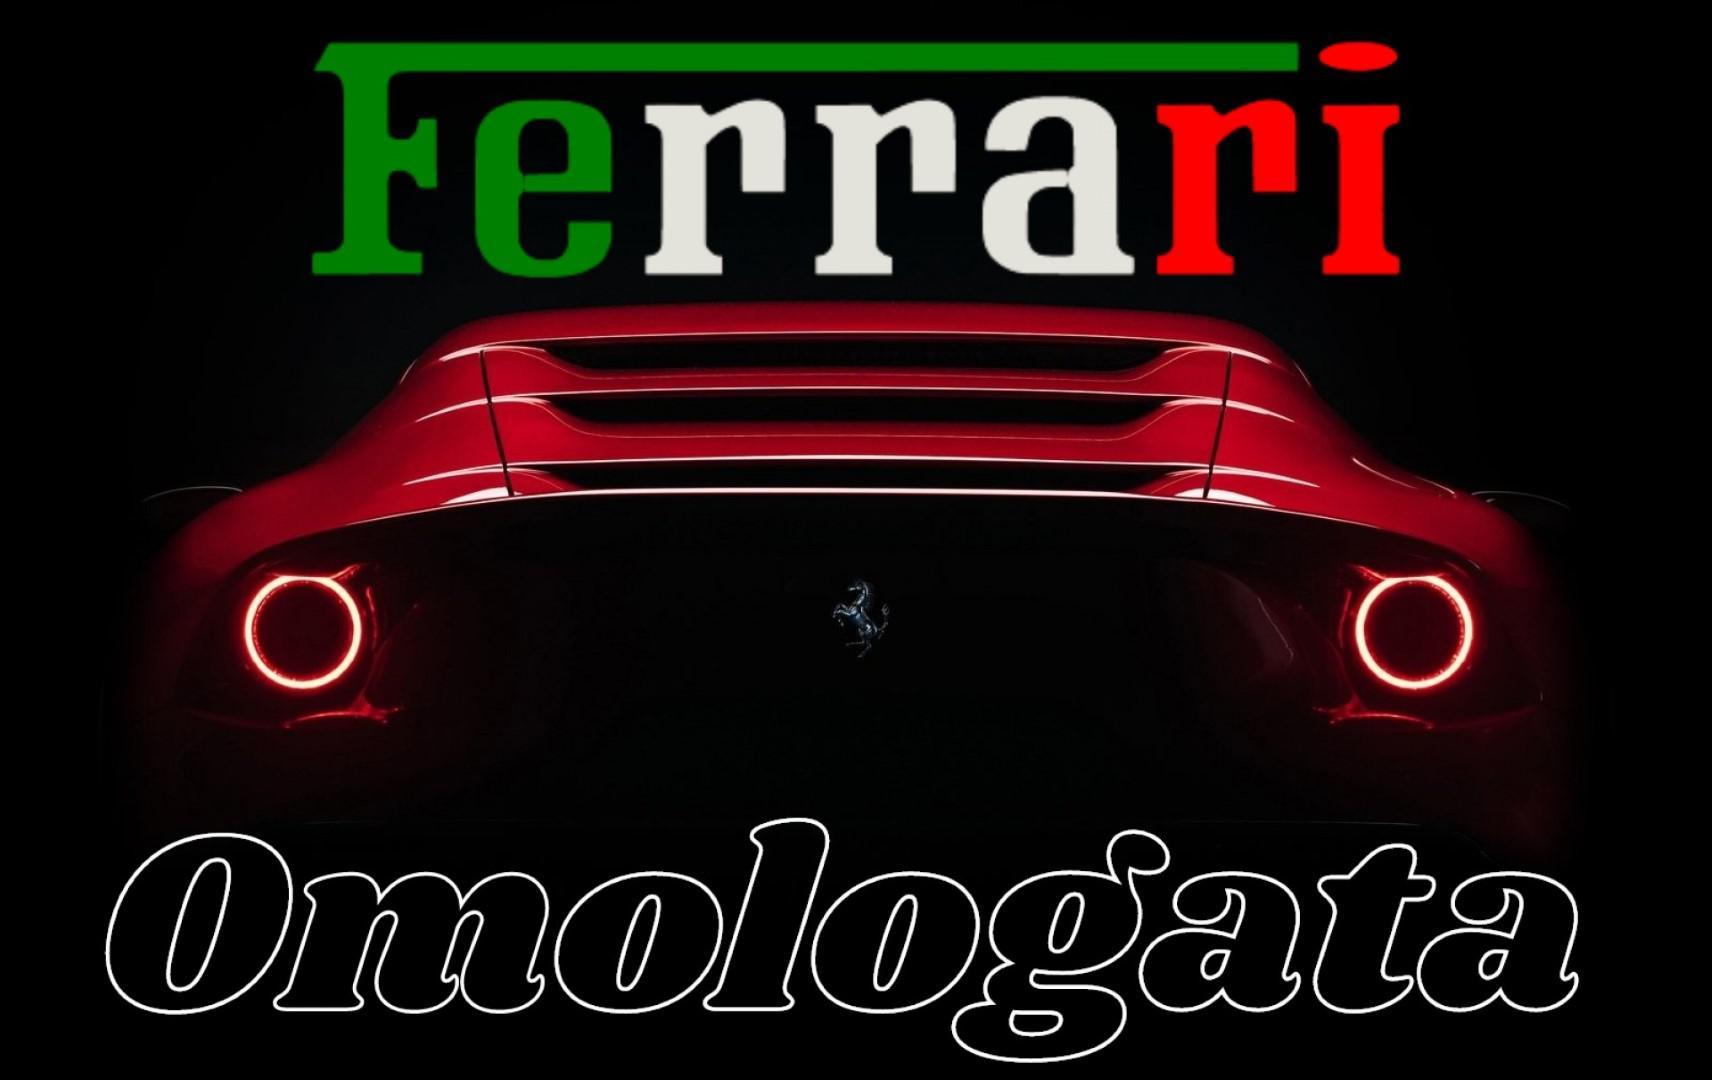 Maranello a dévoilé une version unique: Ferrari Omologata